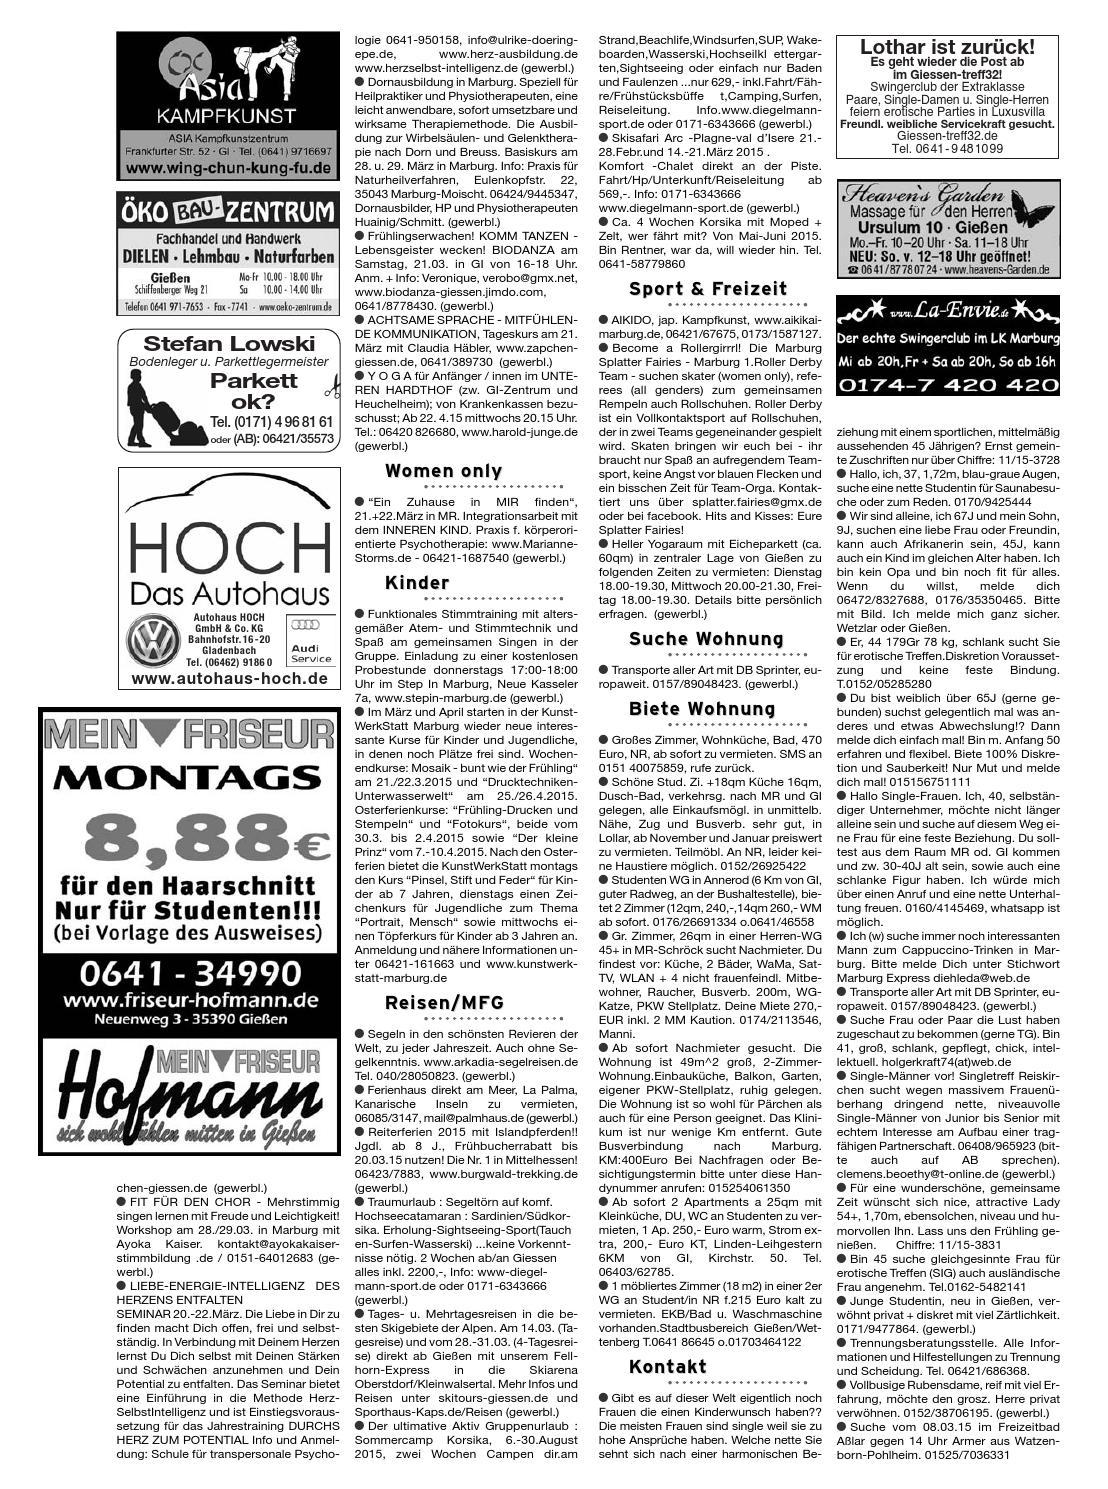 Gießener Magazin Express 11/2015 by Ulrich Butterweck - issuu